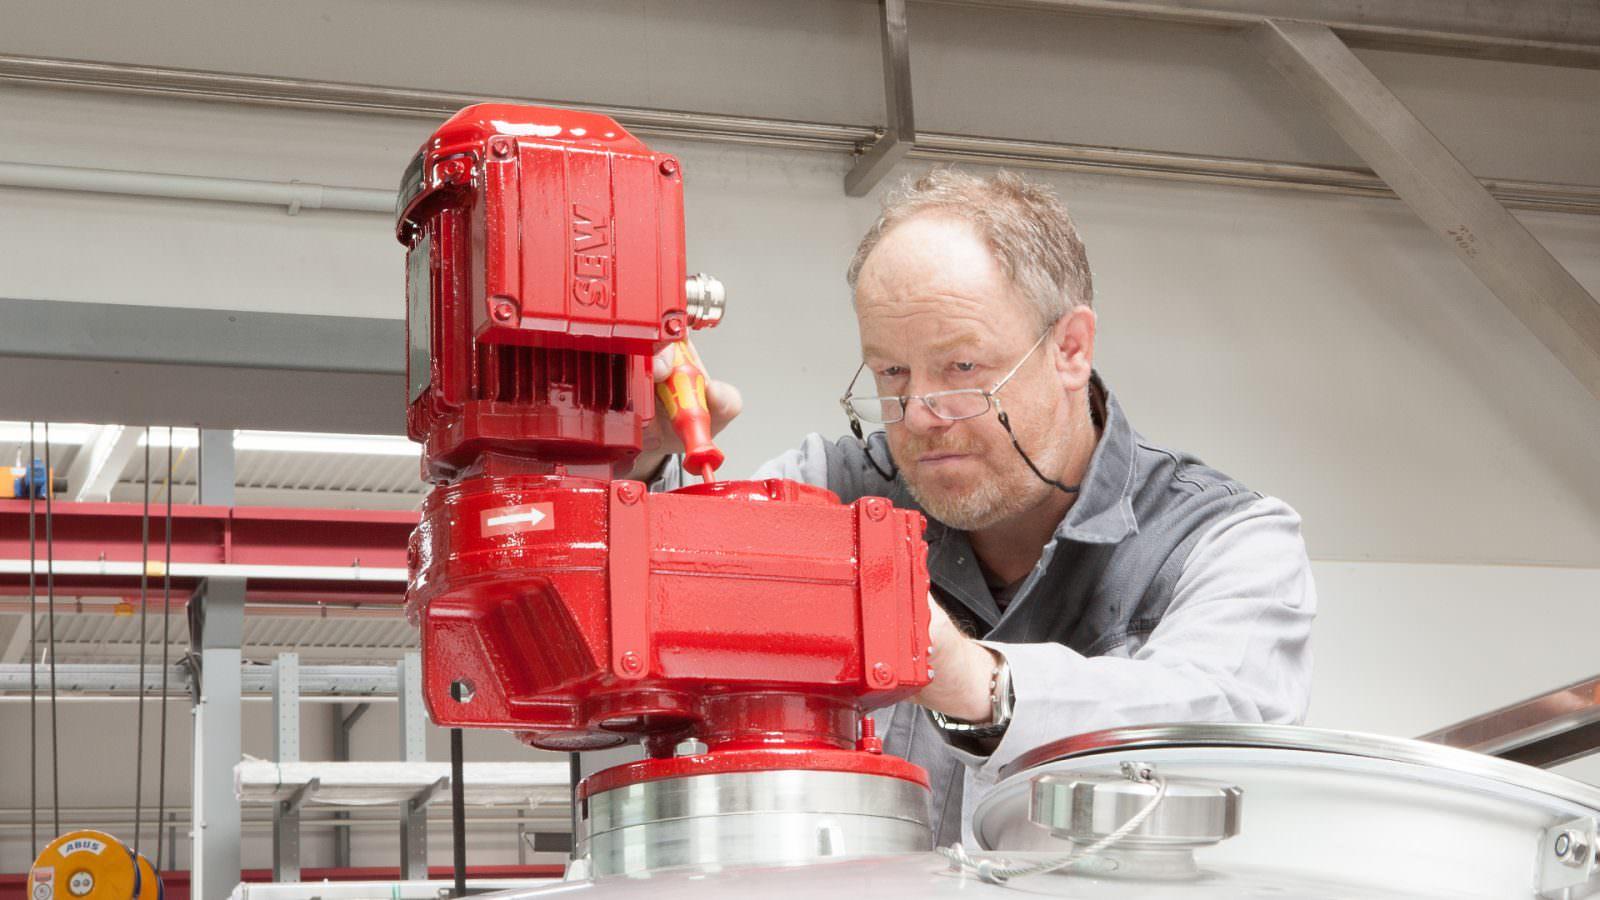 Monteur beim Installieren eines Rührwerks am Behälter